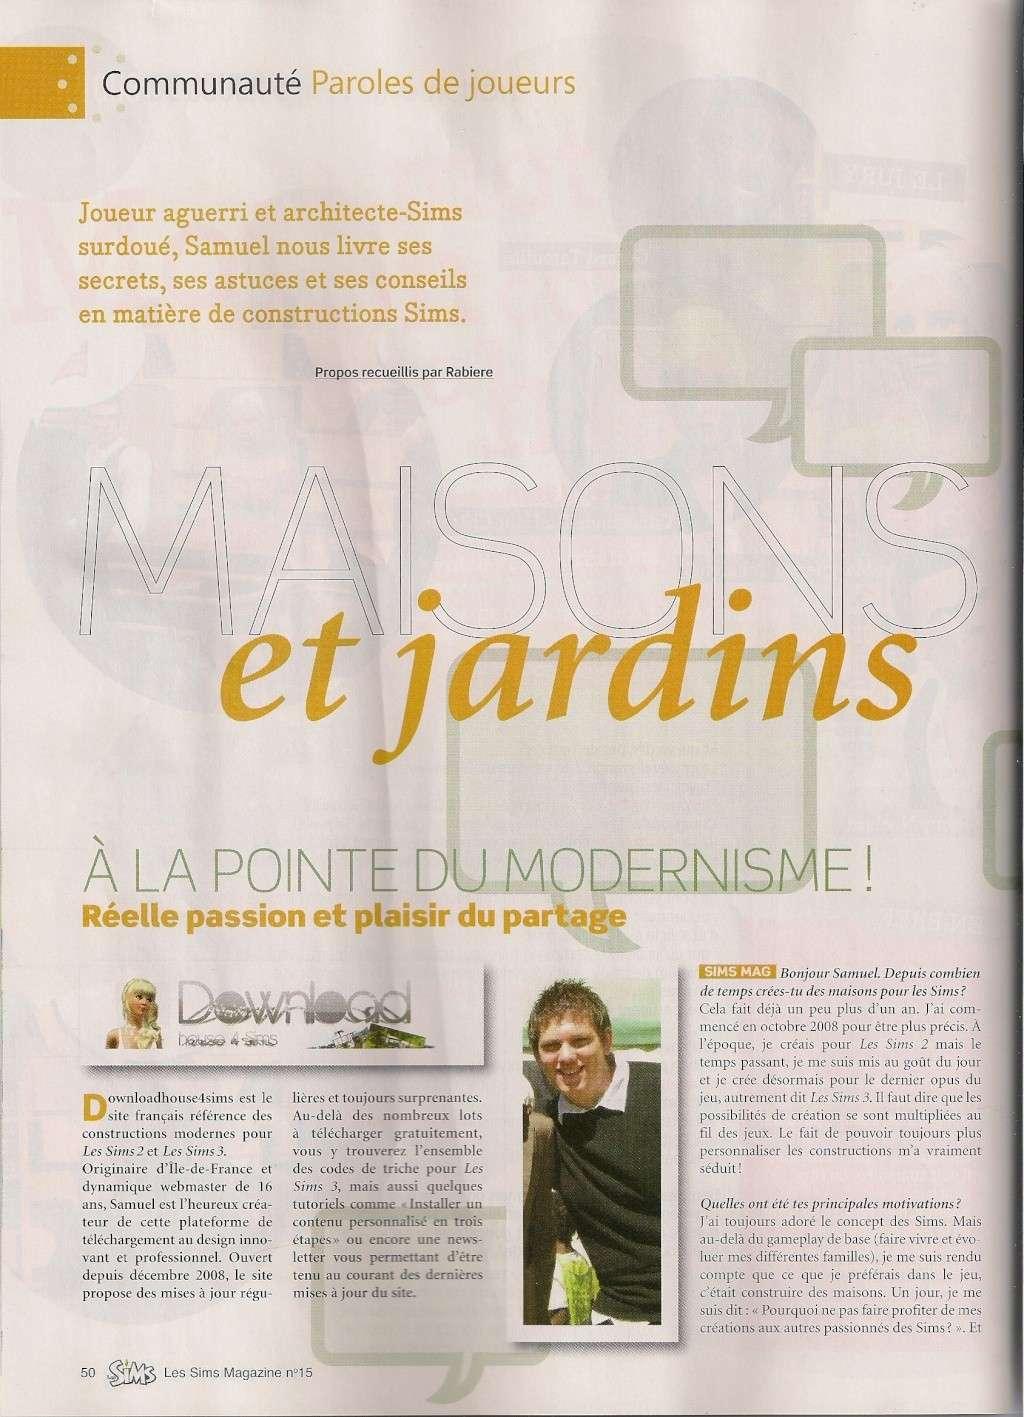 Le Magazine officiel [Arrêté] - Page 2 Art3-p10